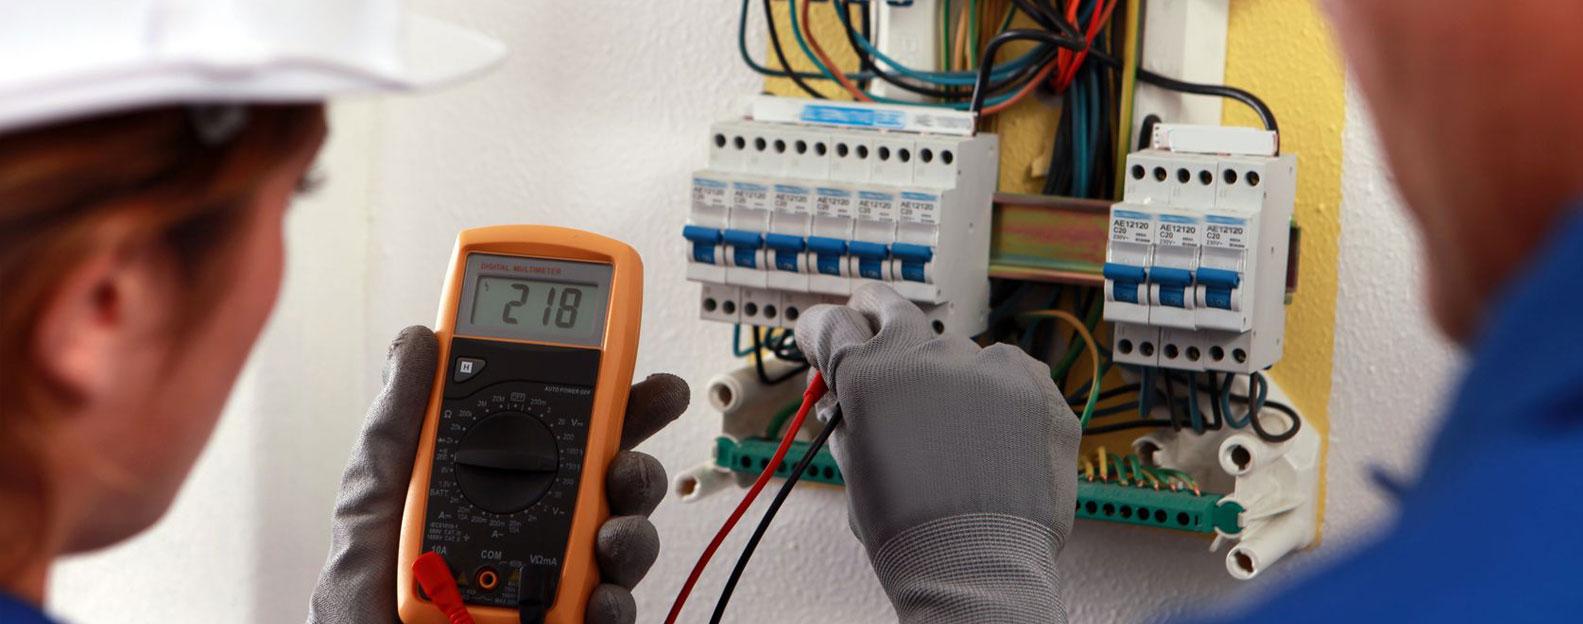 Электротехническая экспертиза